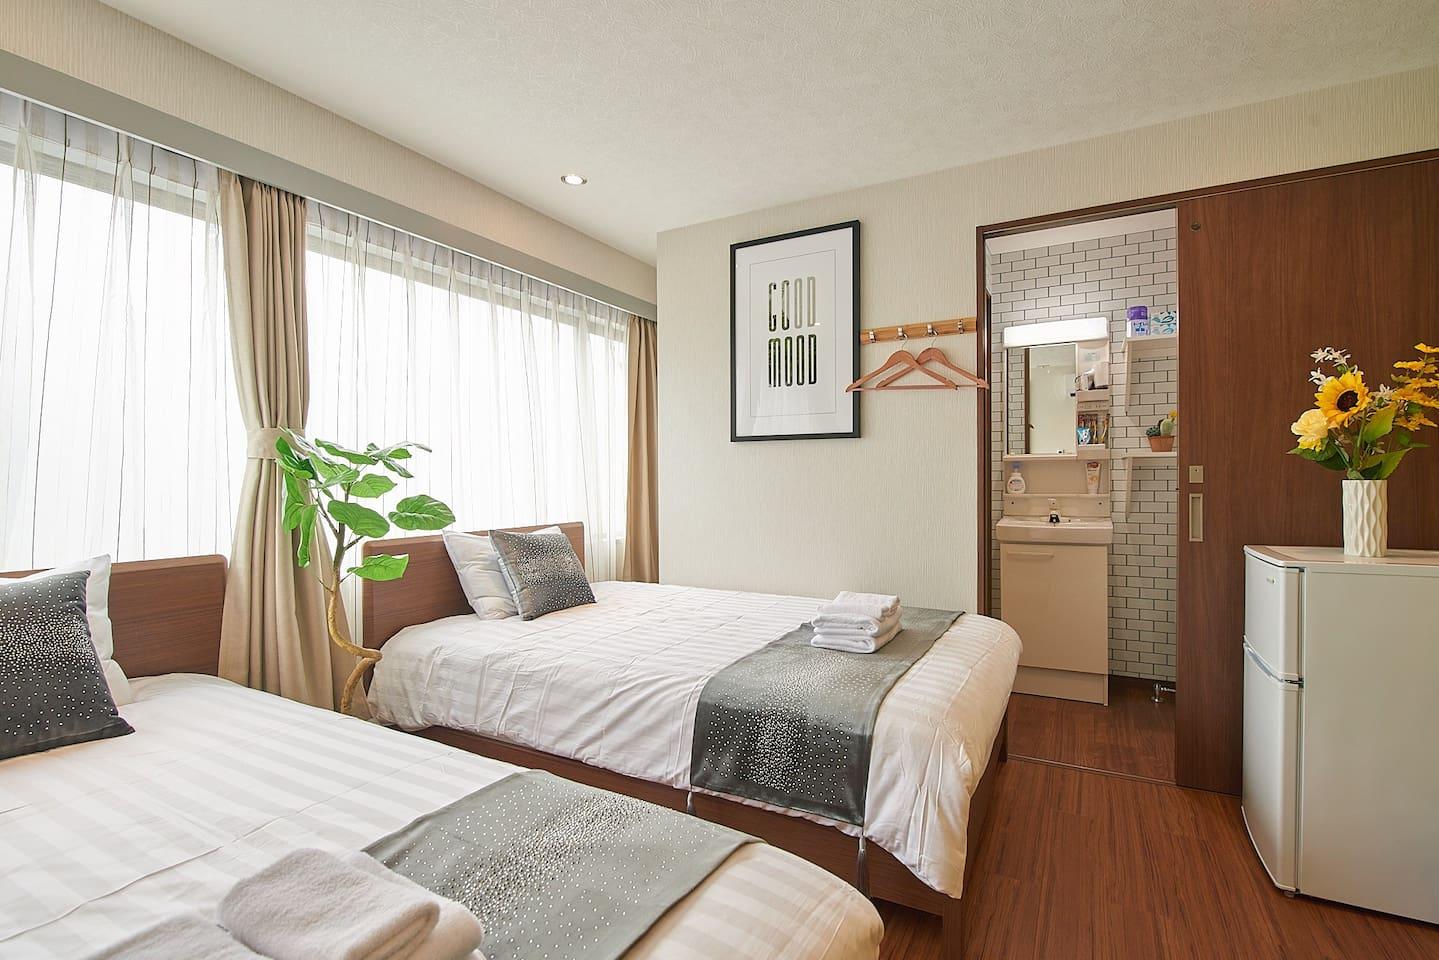 【603】bedroom